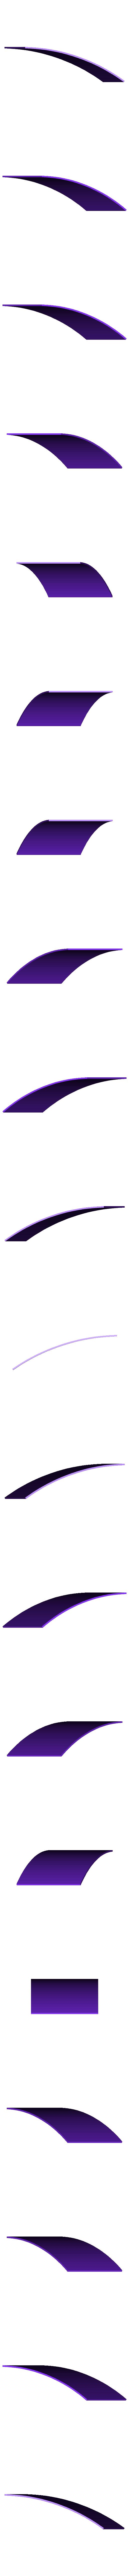 spool_clock_bckg2.stl Télécharger fichier STL gratuit Horloge à bobine à filament • Design pour imprimante 3D, marigu